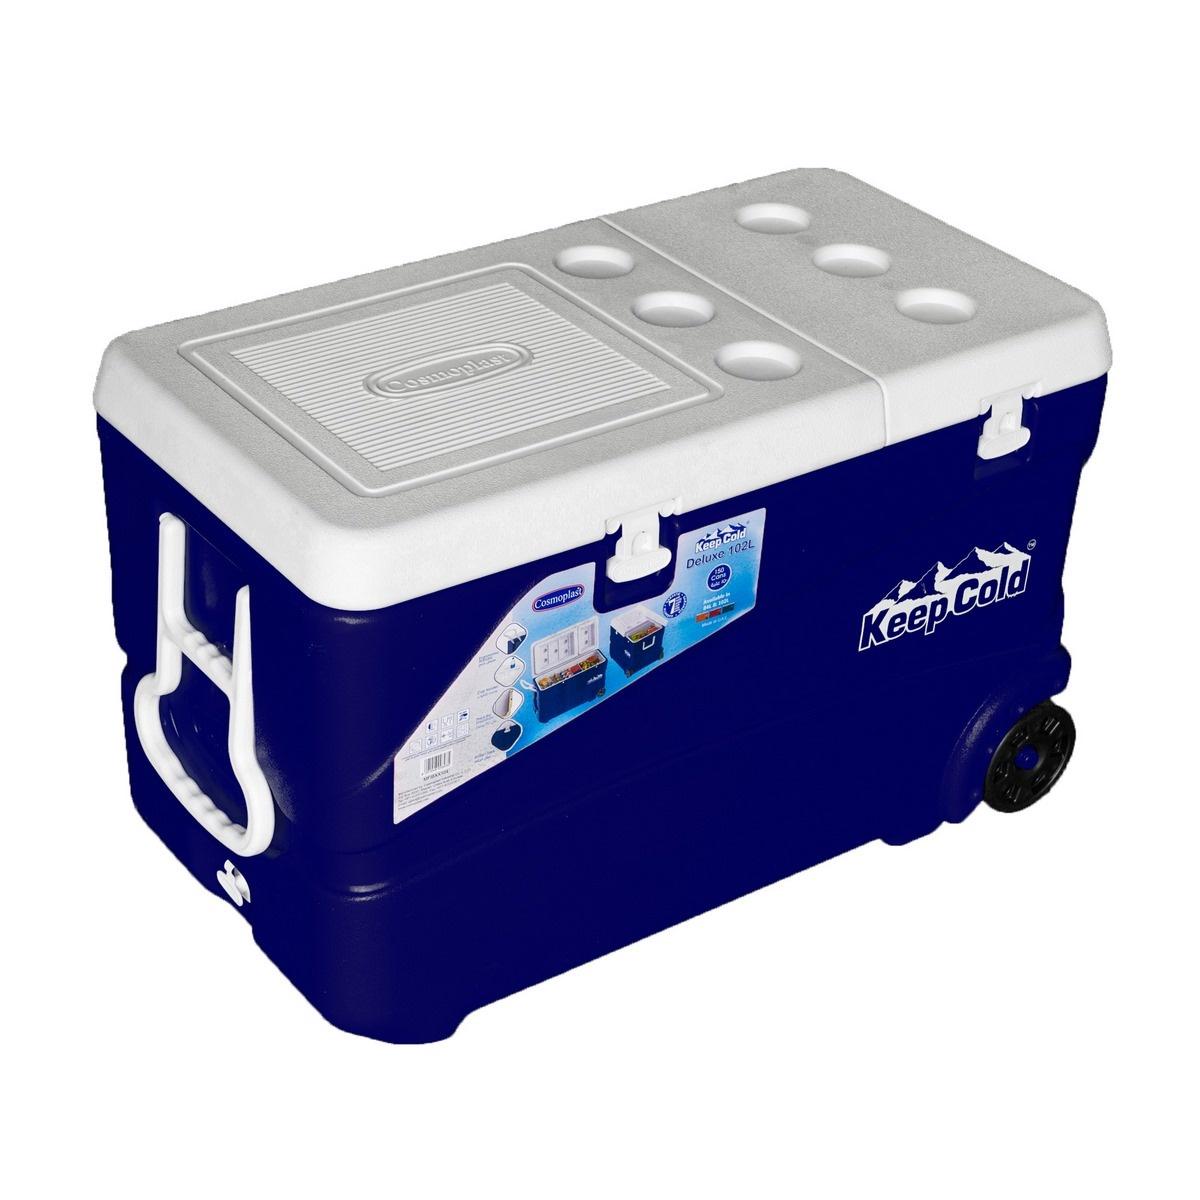 Cosmoplast Chladicí box s kolečky Keep Cold DeLuxe